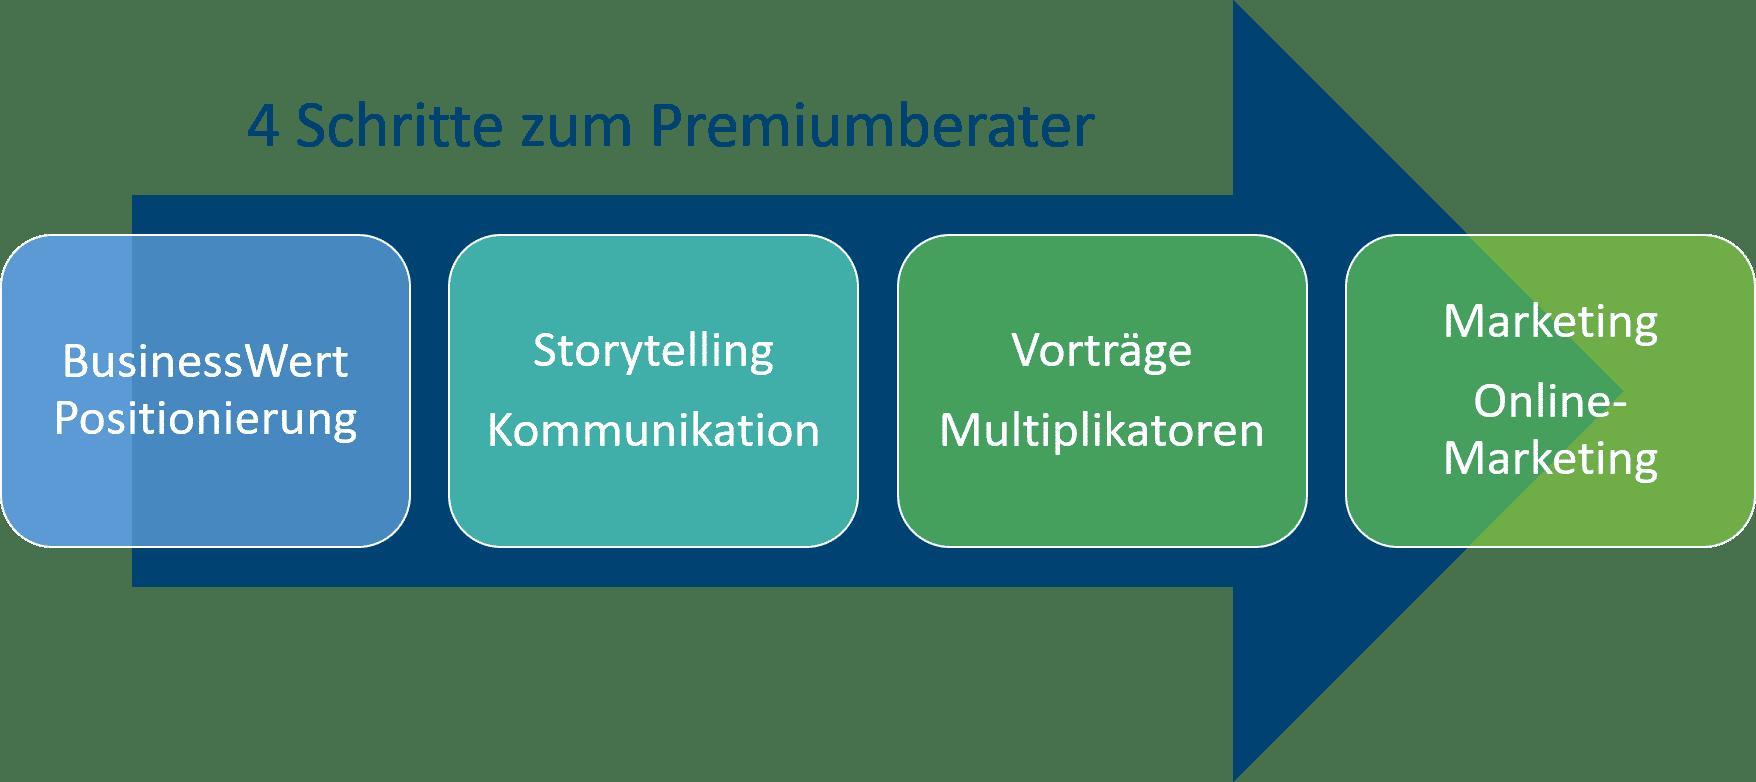 Der Prozess zum Premiumberater mit Positionierung